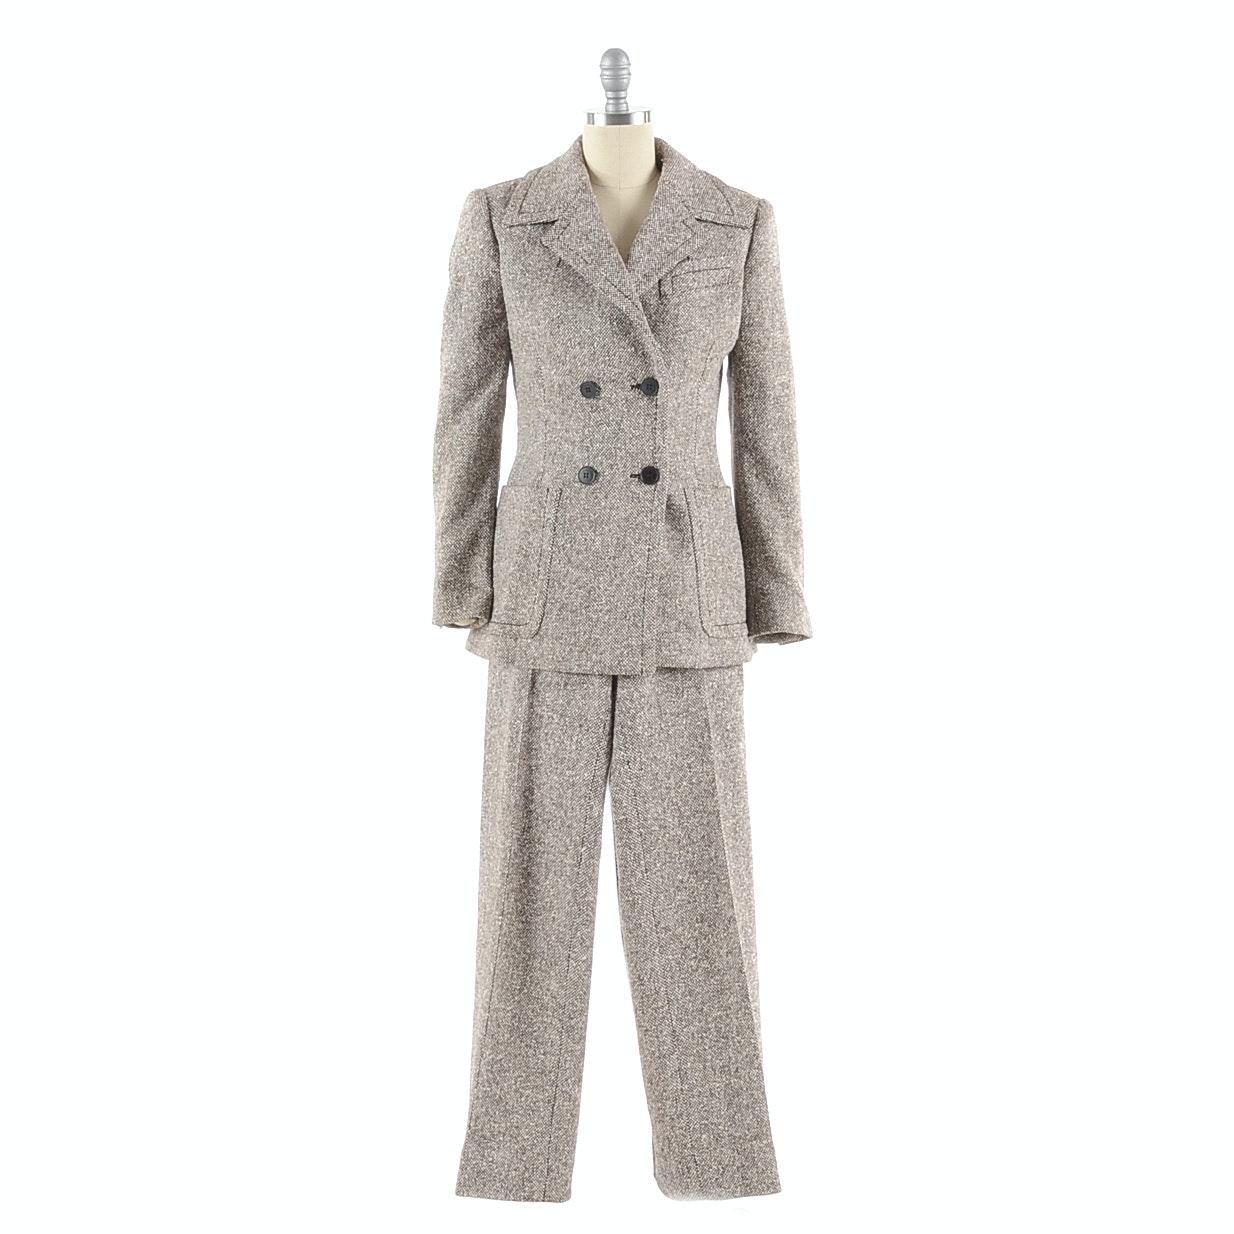 Samsonite Brown and Ivory Tweed Silk/Wool Blend Suit